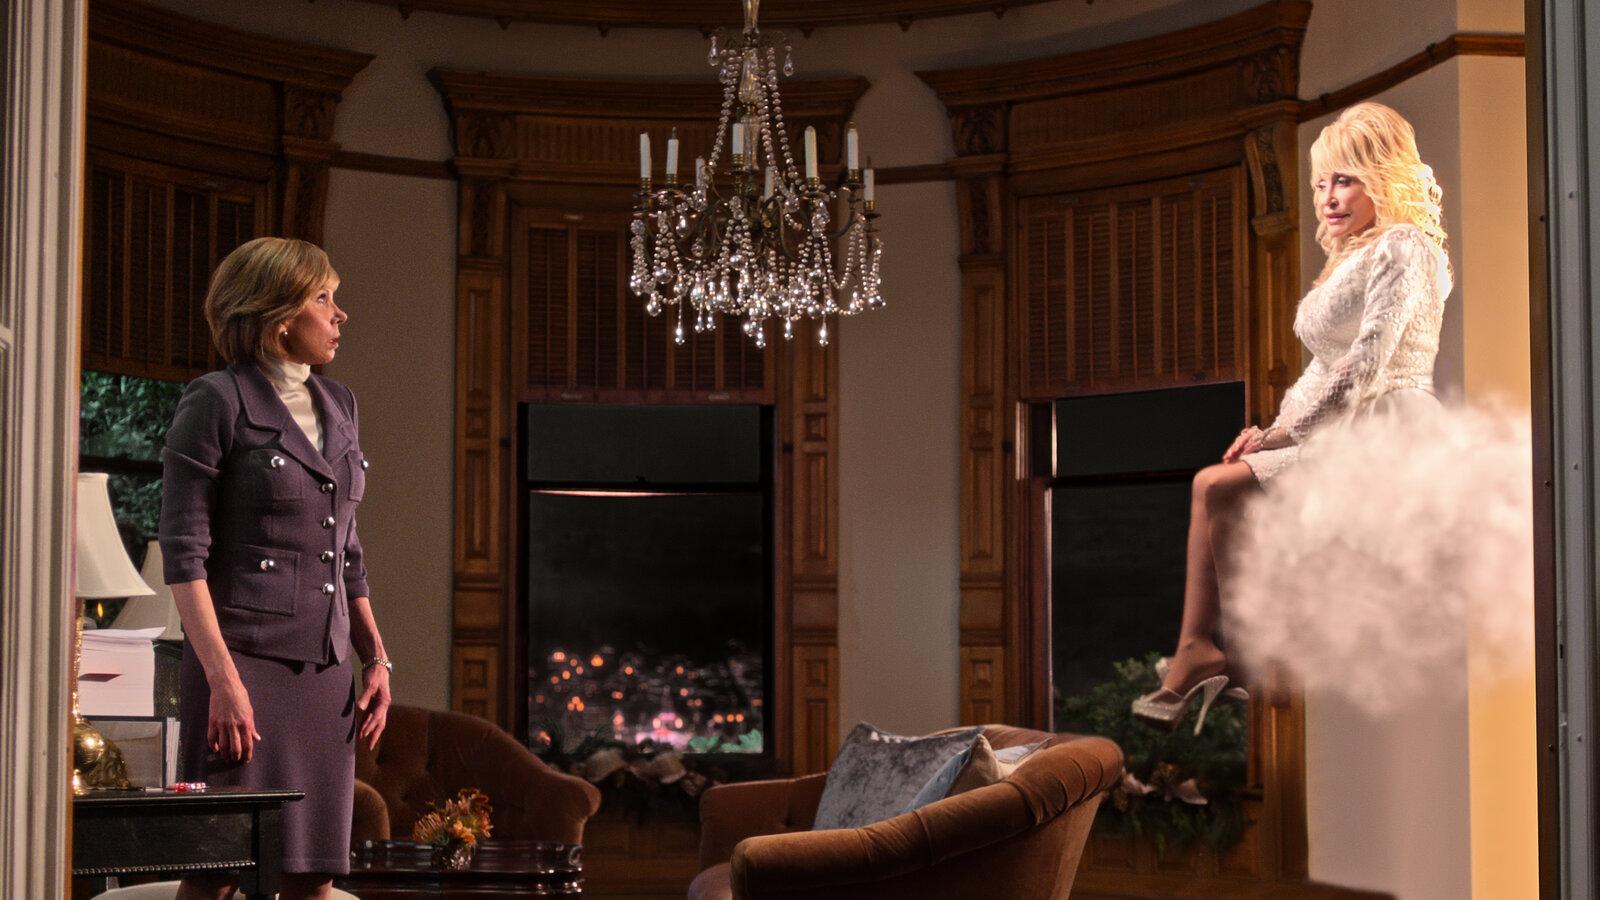 Cena do filme Natal com Dolly Parton. A cena mostra a personagem de Christine Baranski, uma mulher branca e idosa, usando terninho cinza e olhando para um anjo iluminado. O anjo é Dolly Parton, uma idosa branca, loira e usando roupas angelicais.